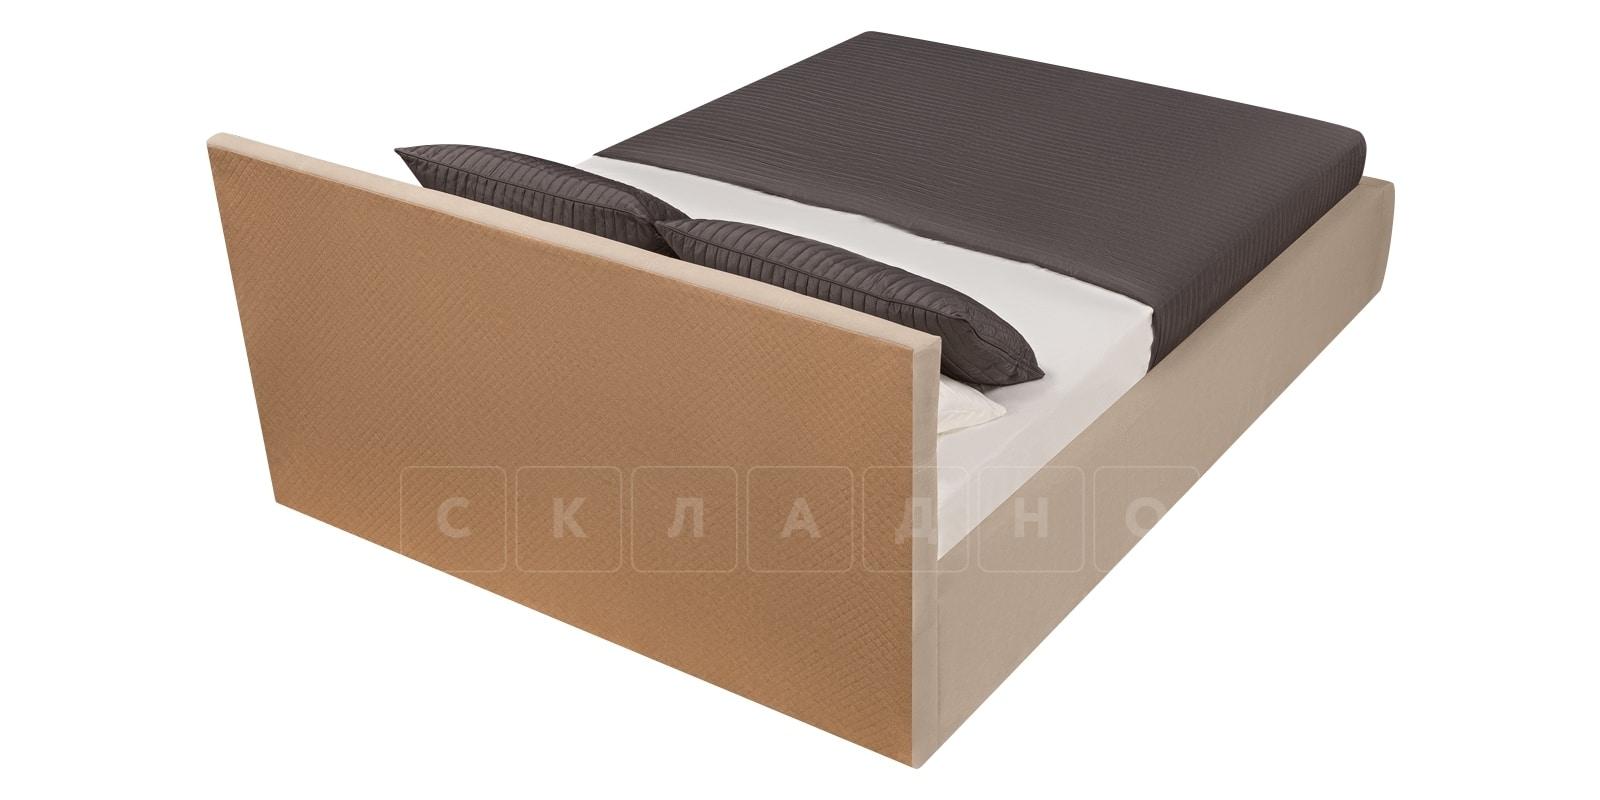 Мягкая кровать Афина 140см велюр бежевый фото 5 | интернет-магазин Складно